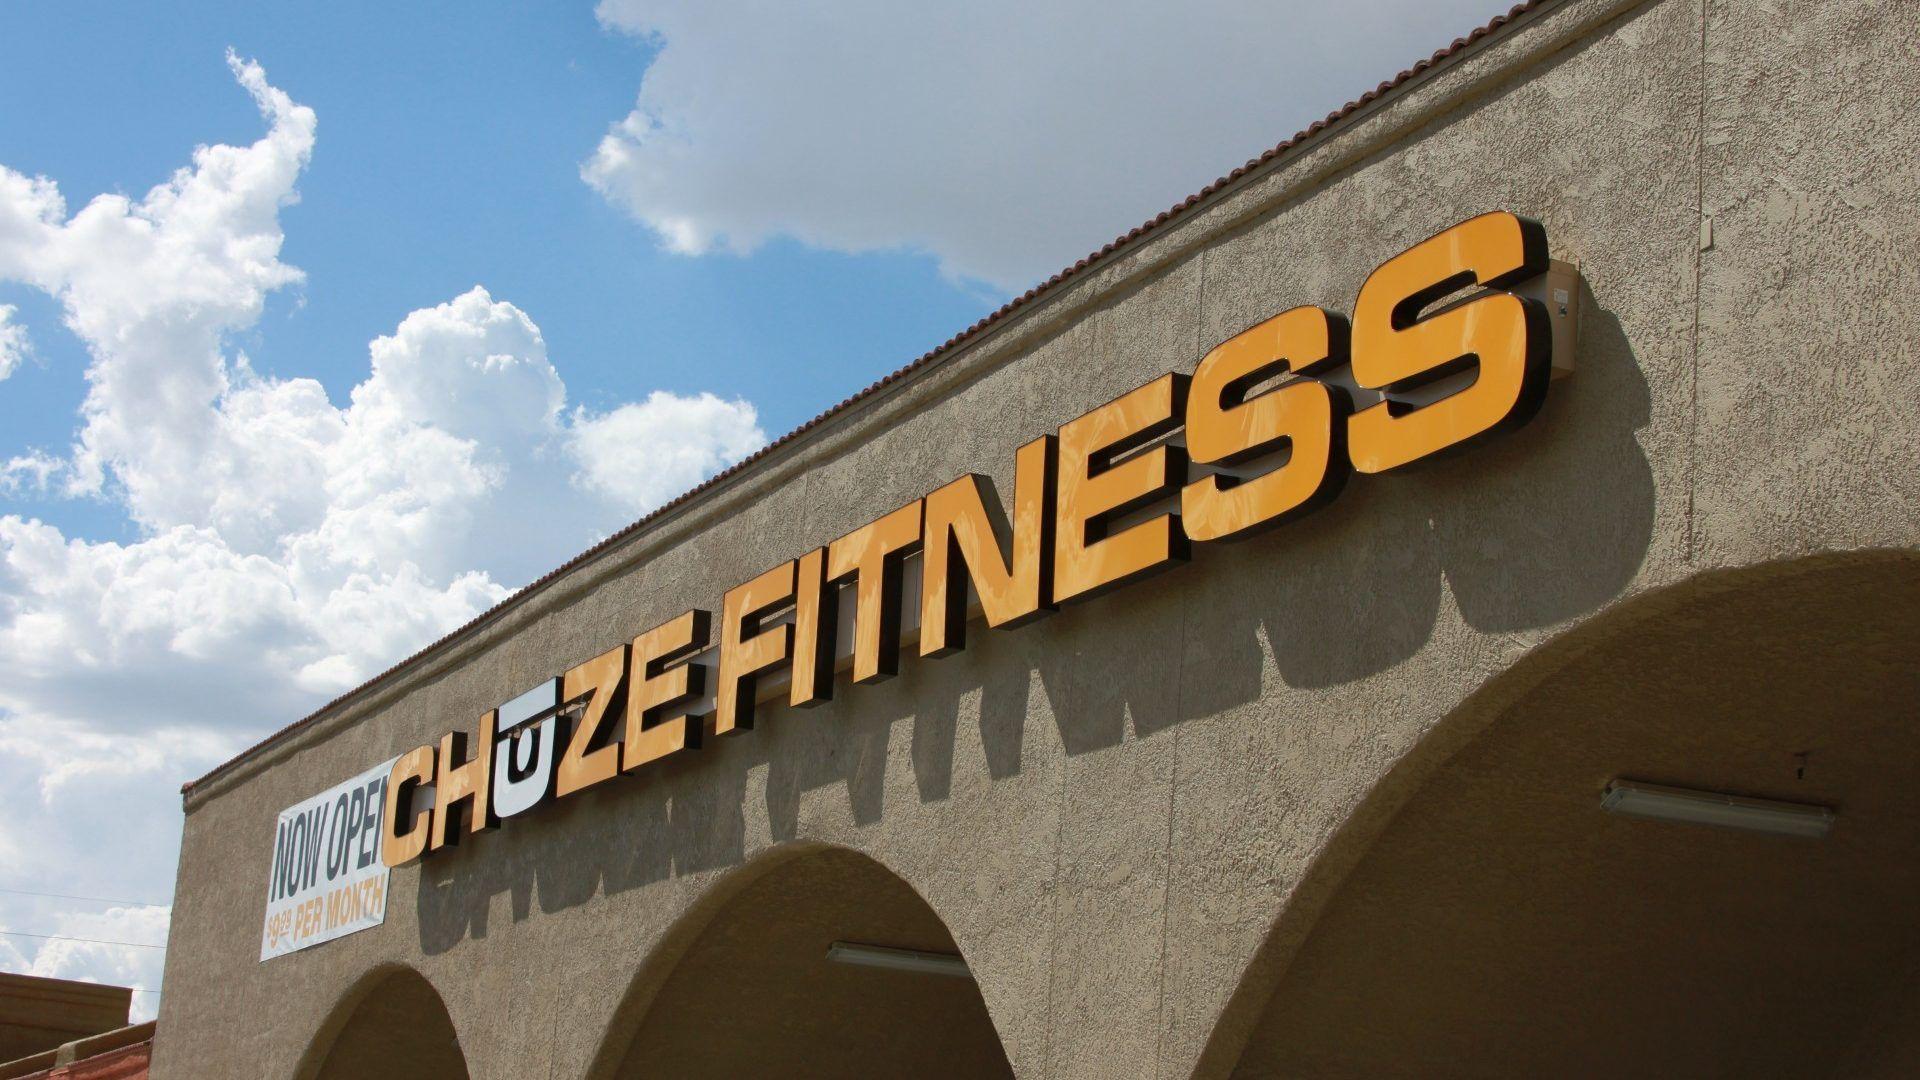 Affordable gym tucson az 22nd kolb tucson gym